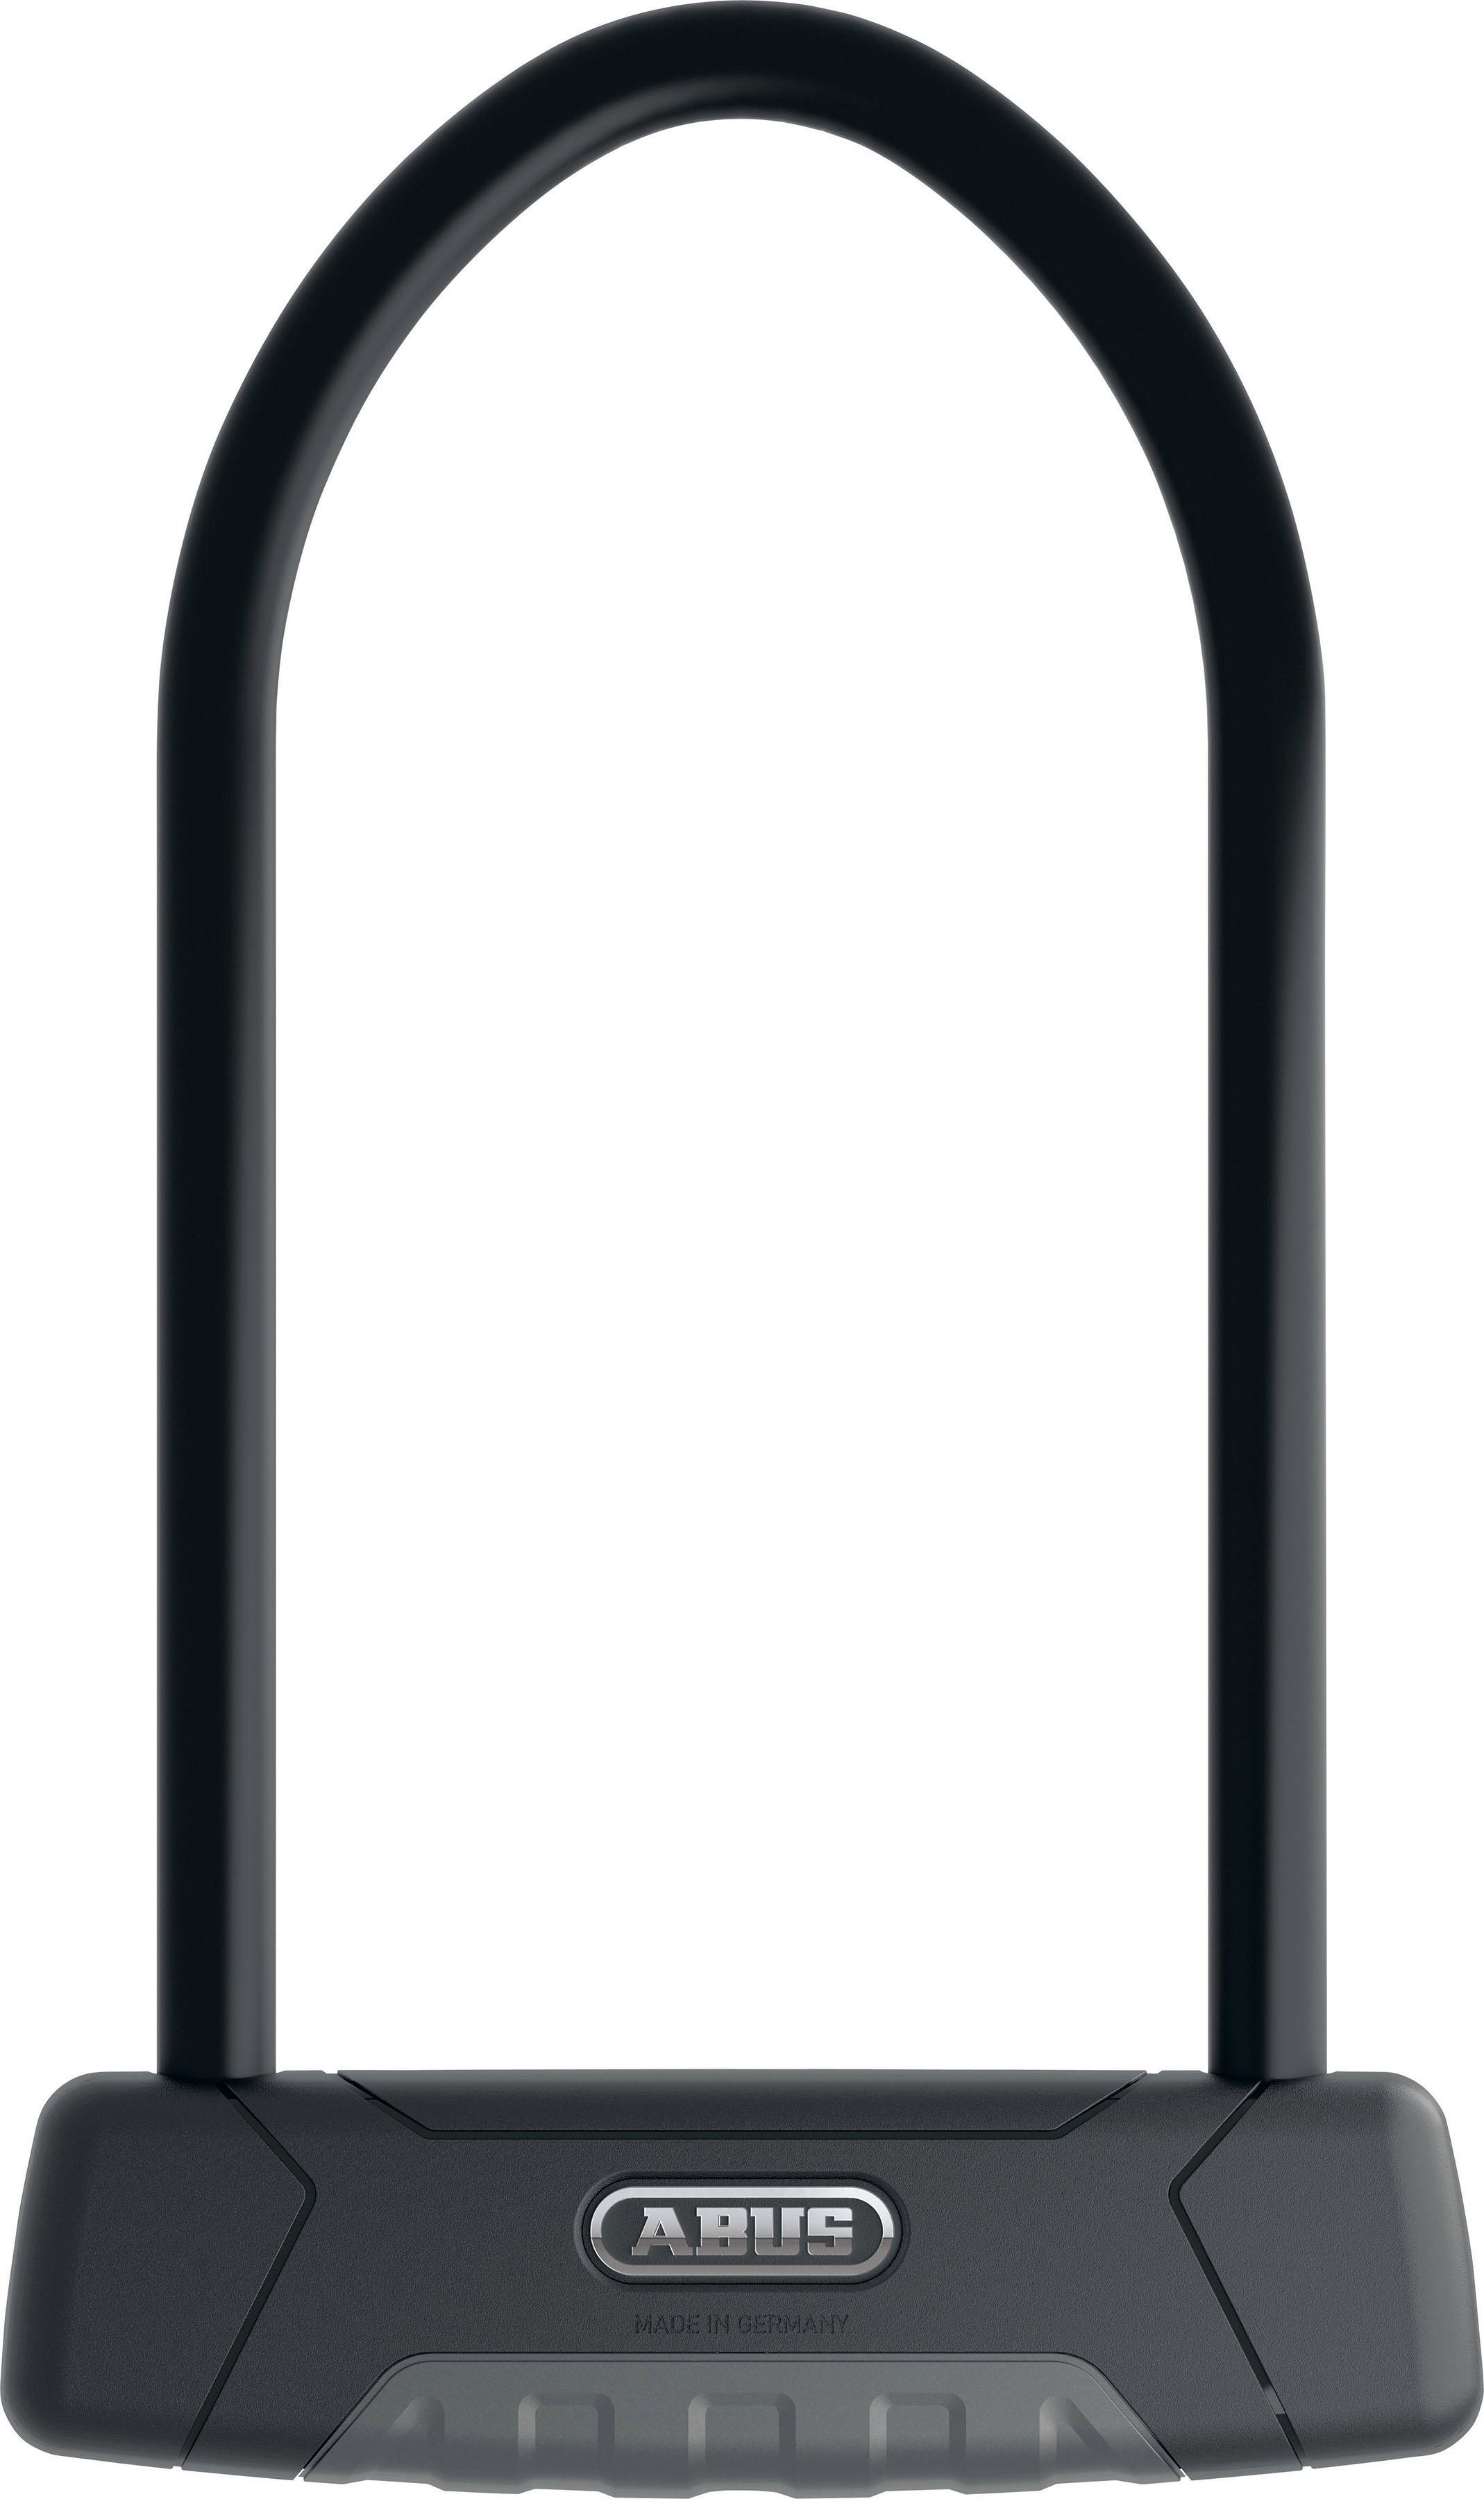 ABUS Bügelschloss 470/150HB300+EaZy KF Technik & Freizeit/Sport & Freizeit/Fahrräder & Zubehör/Fahrradzubehör/Fahrradschlösser/Bügelschlösser